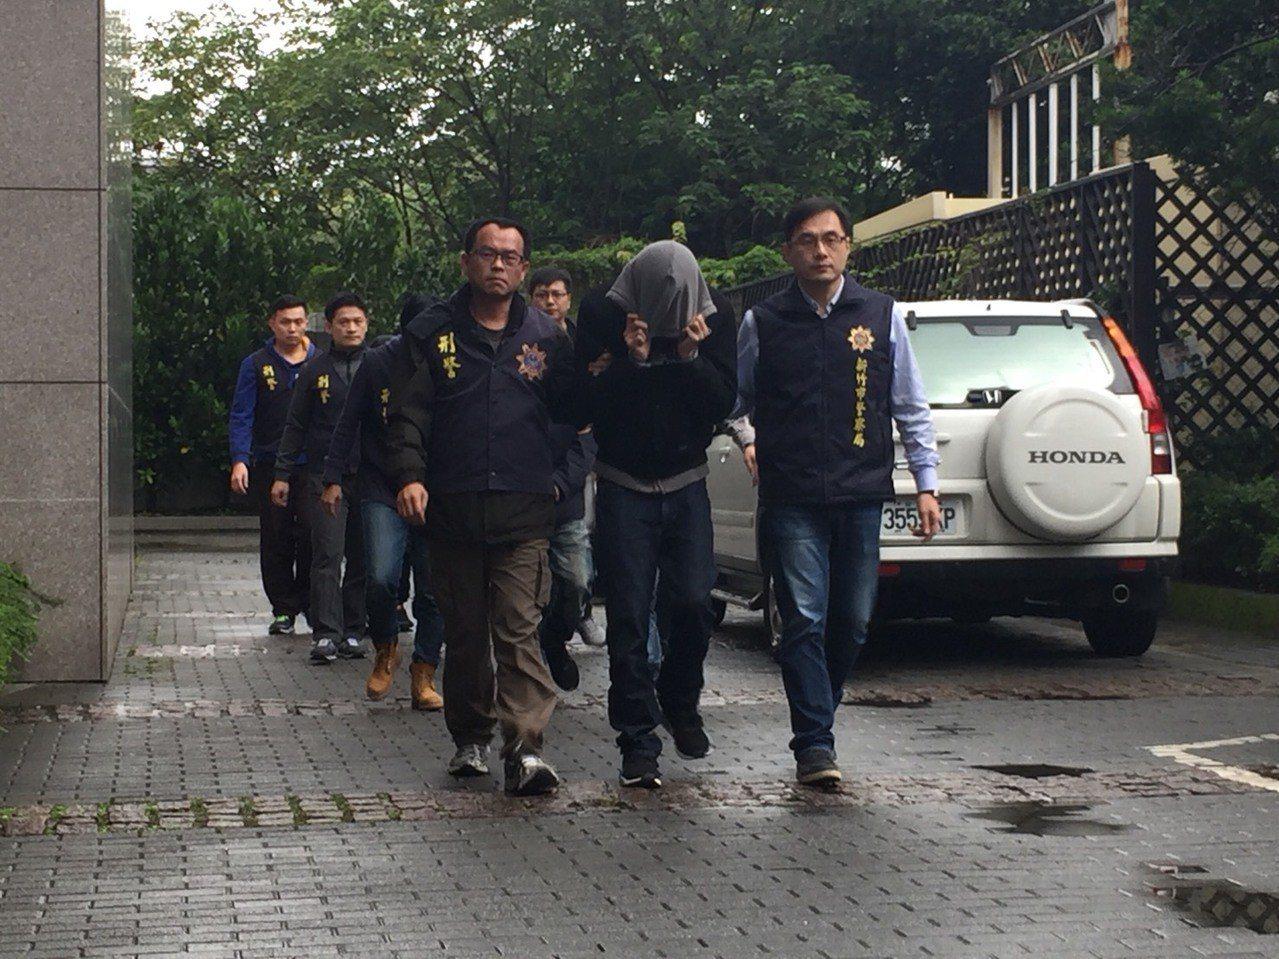 四名涉嫌替販毒集團從國外運送K他命入境的男子。 記者陳金松/翻攝